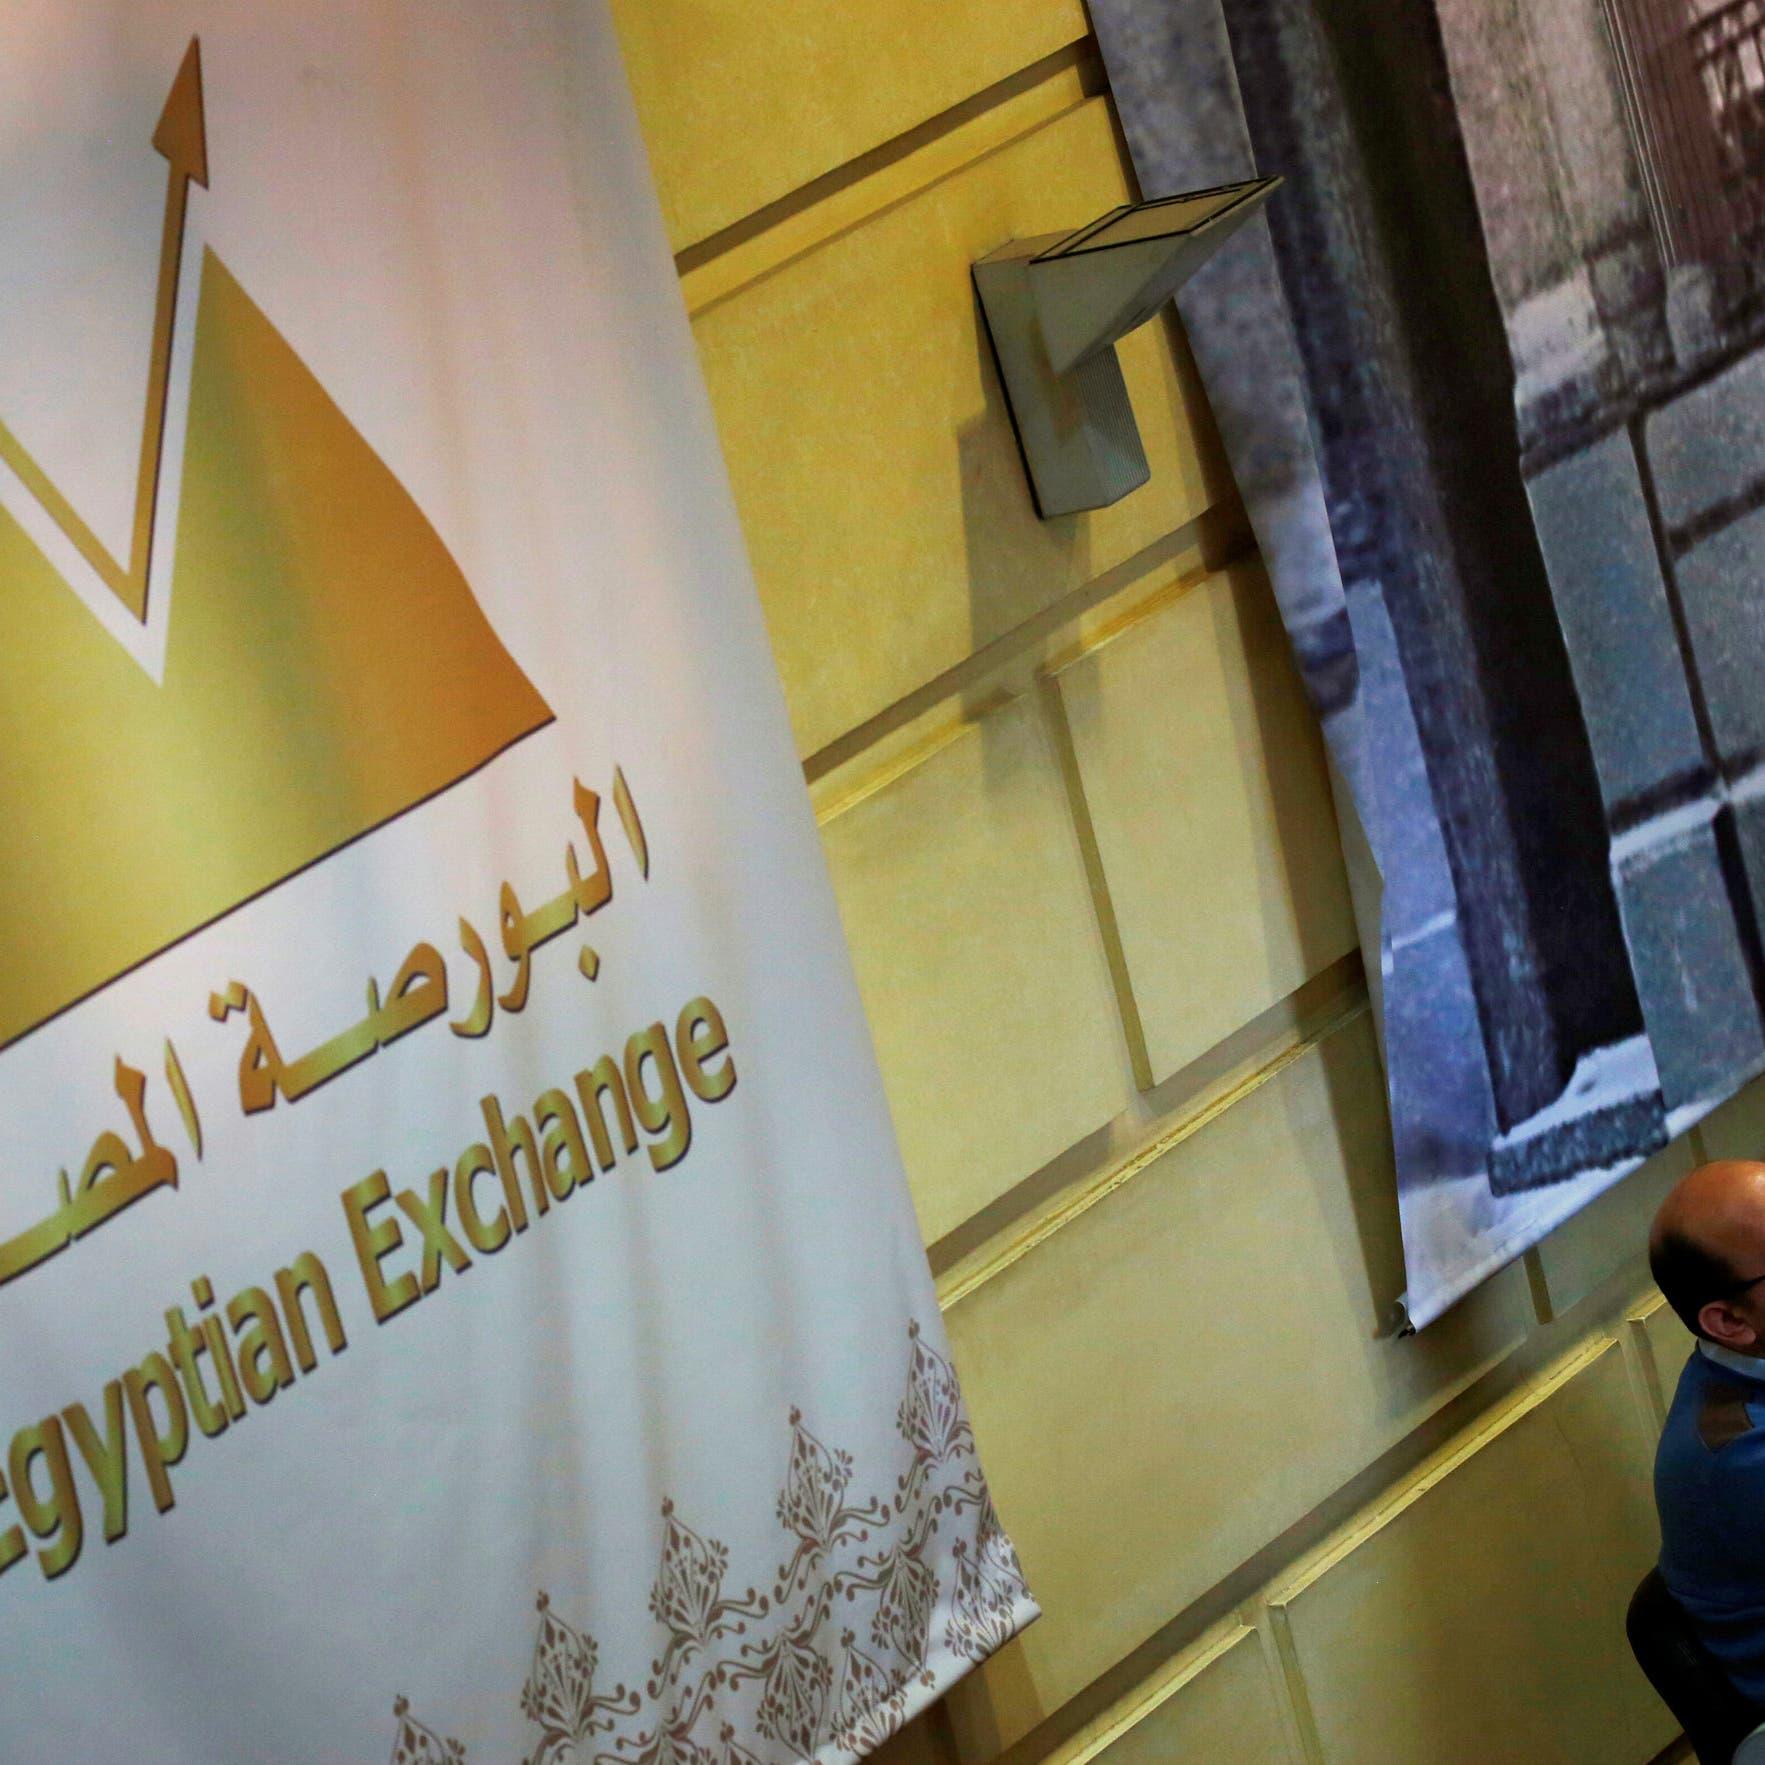 استبعاد 17 شركة من مؤشر بورصة مصر الرئيسي